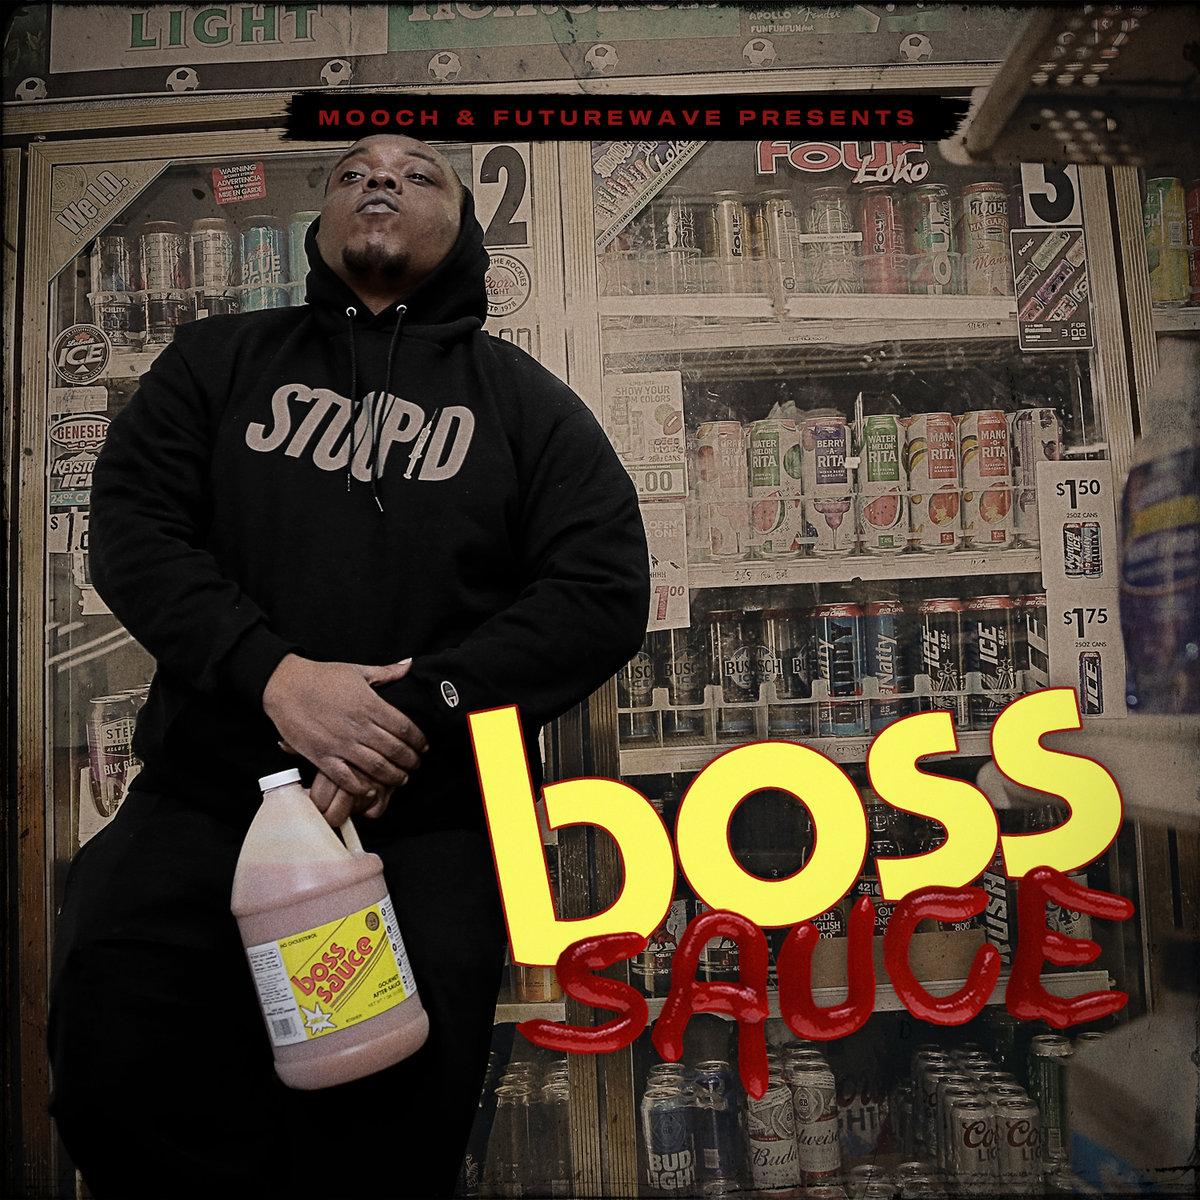 Mooch___futurewave_boss_sauce